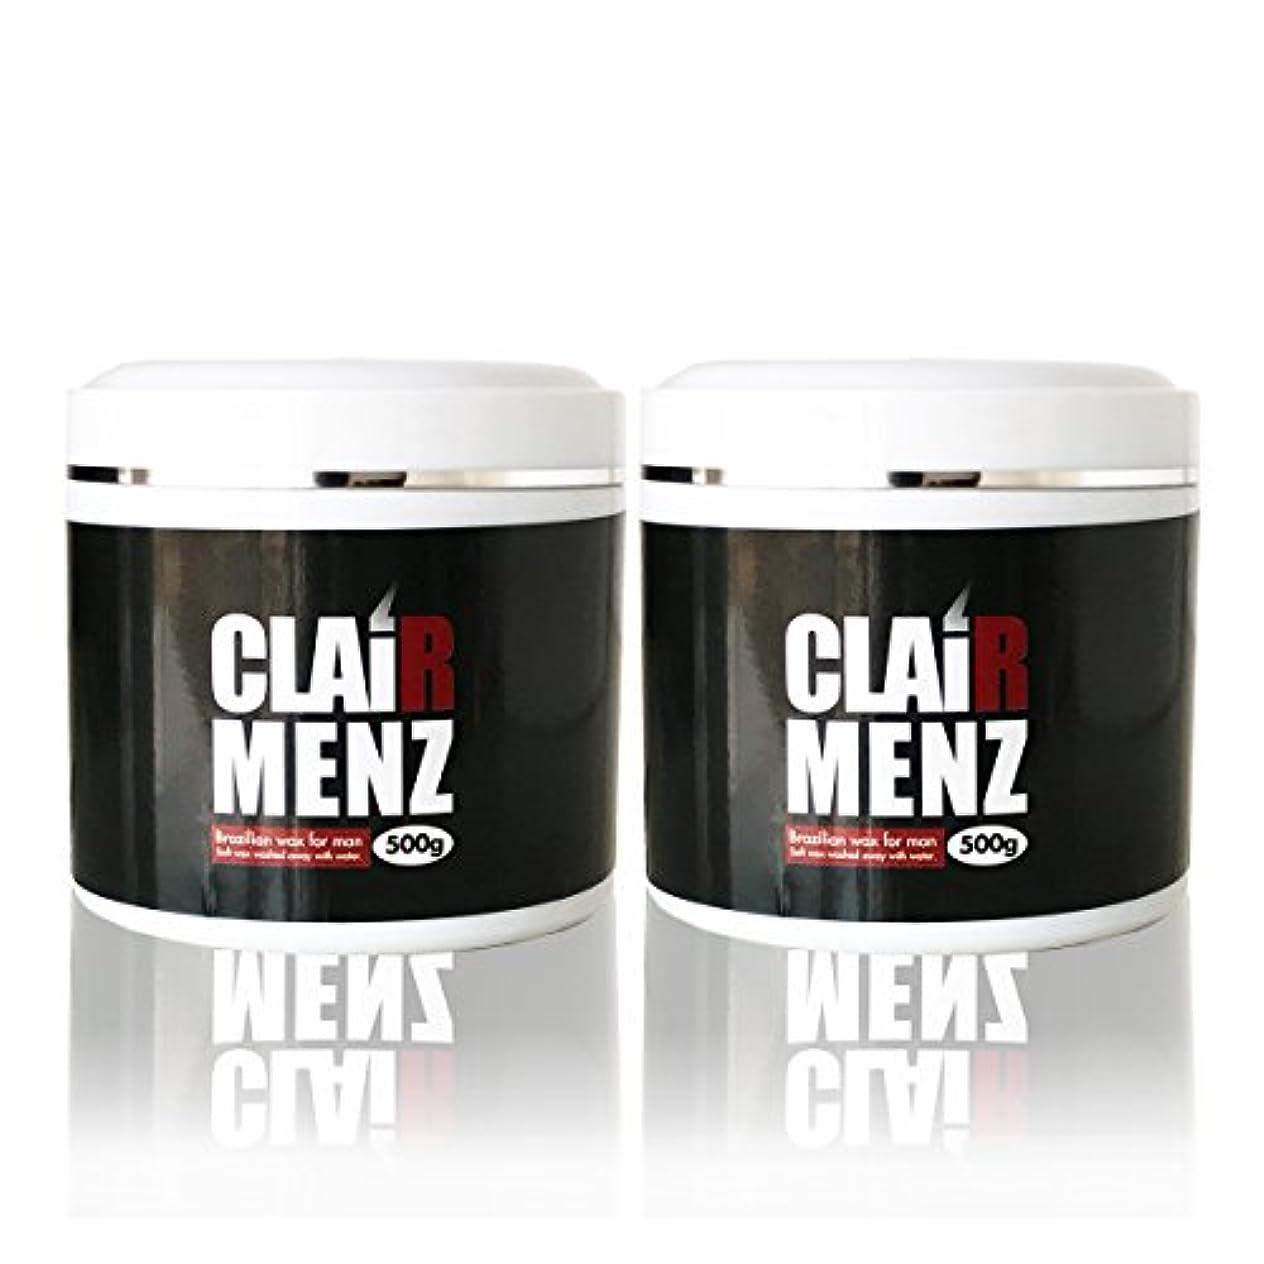 借りる征服者宝ブラジリアンワックス メンズ専用 clair Menz wax 500g (単品2個セット) メンズ脱毛専用ラベル 無添加ワックス 脱毛